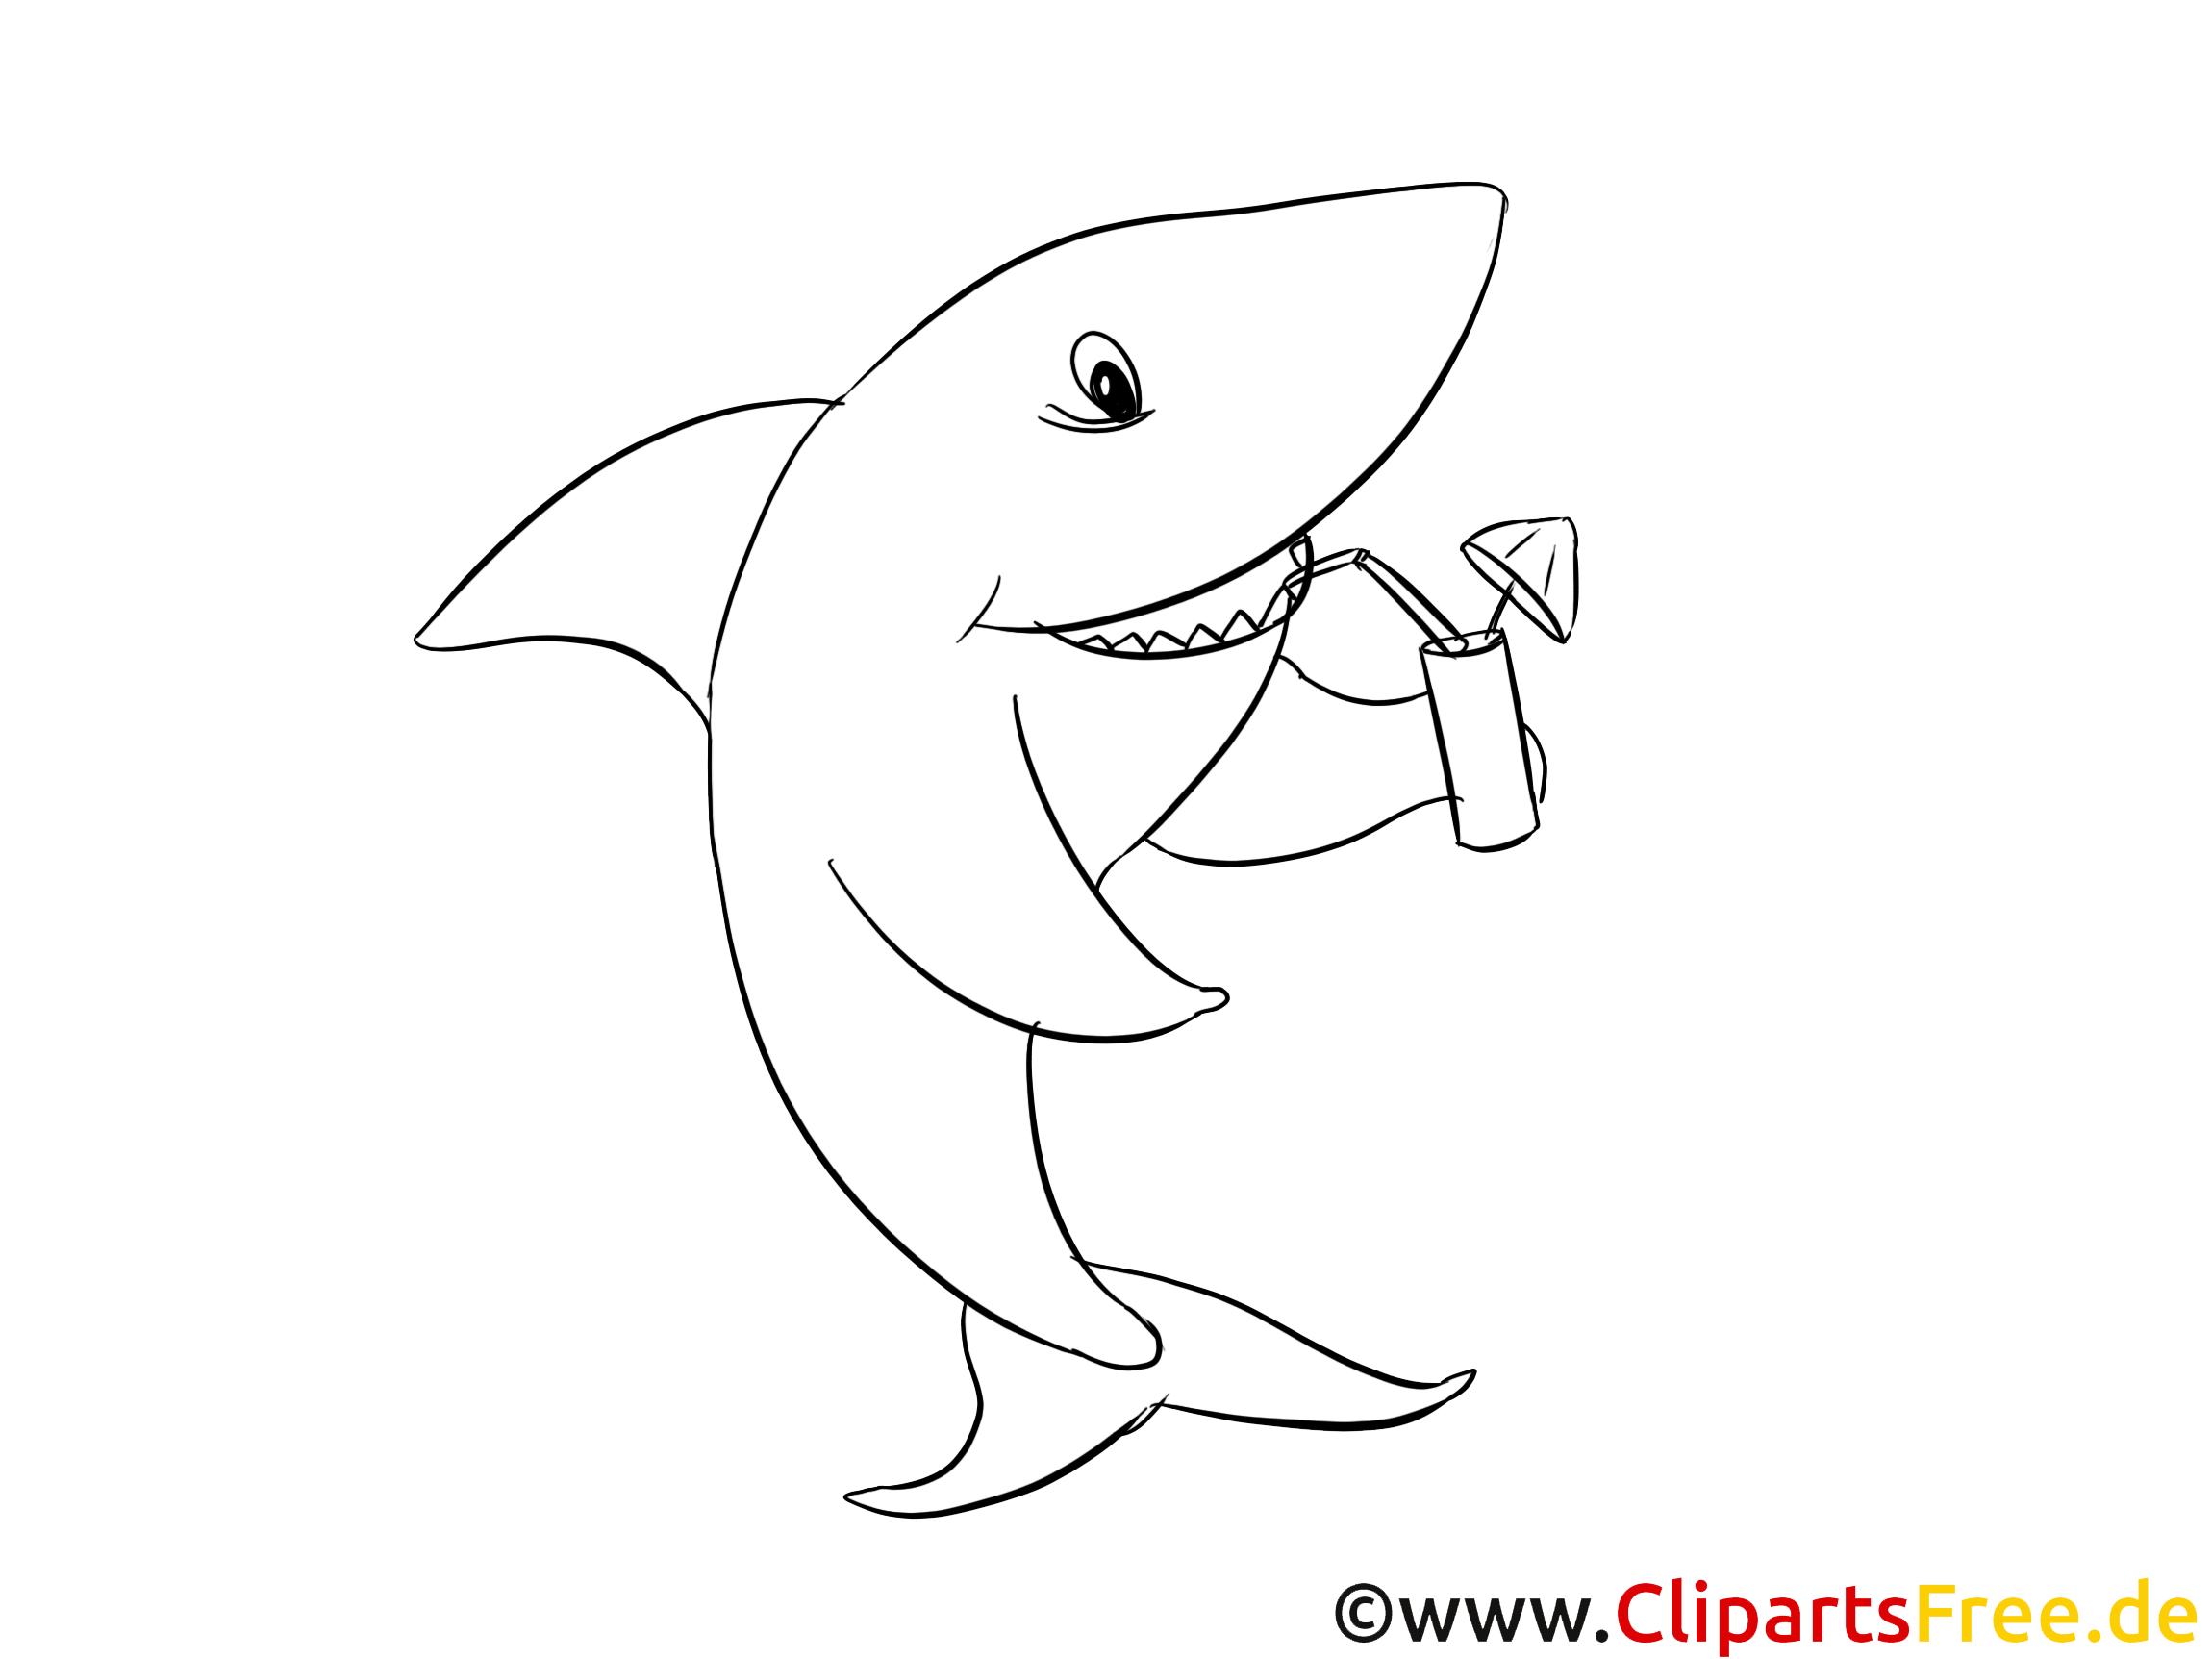 Frais Dessin A Colorier De Requin